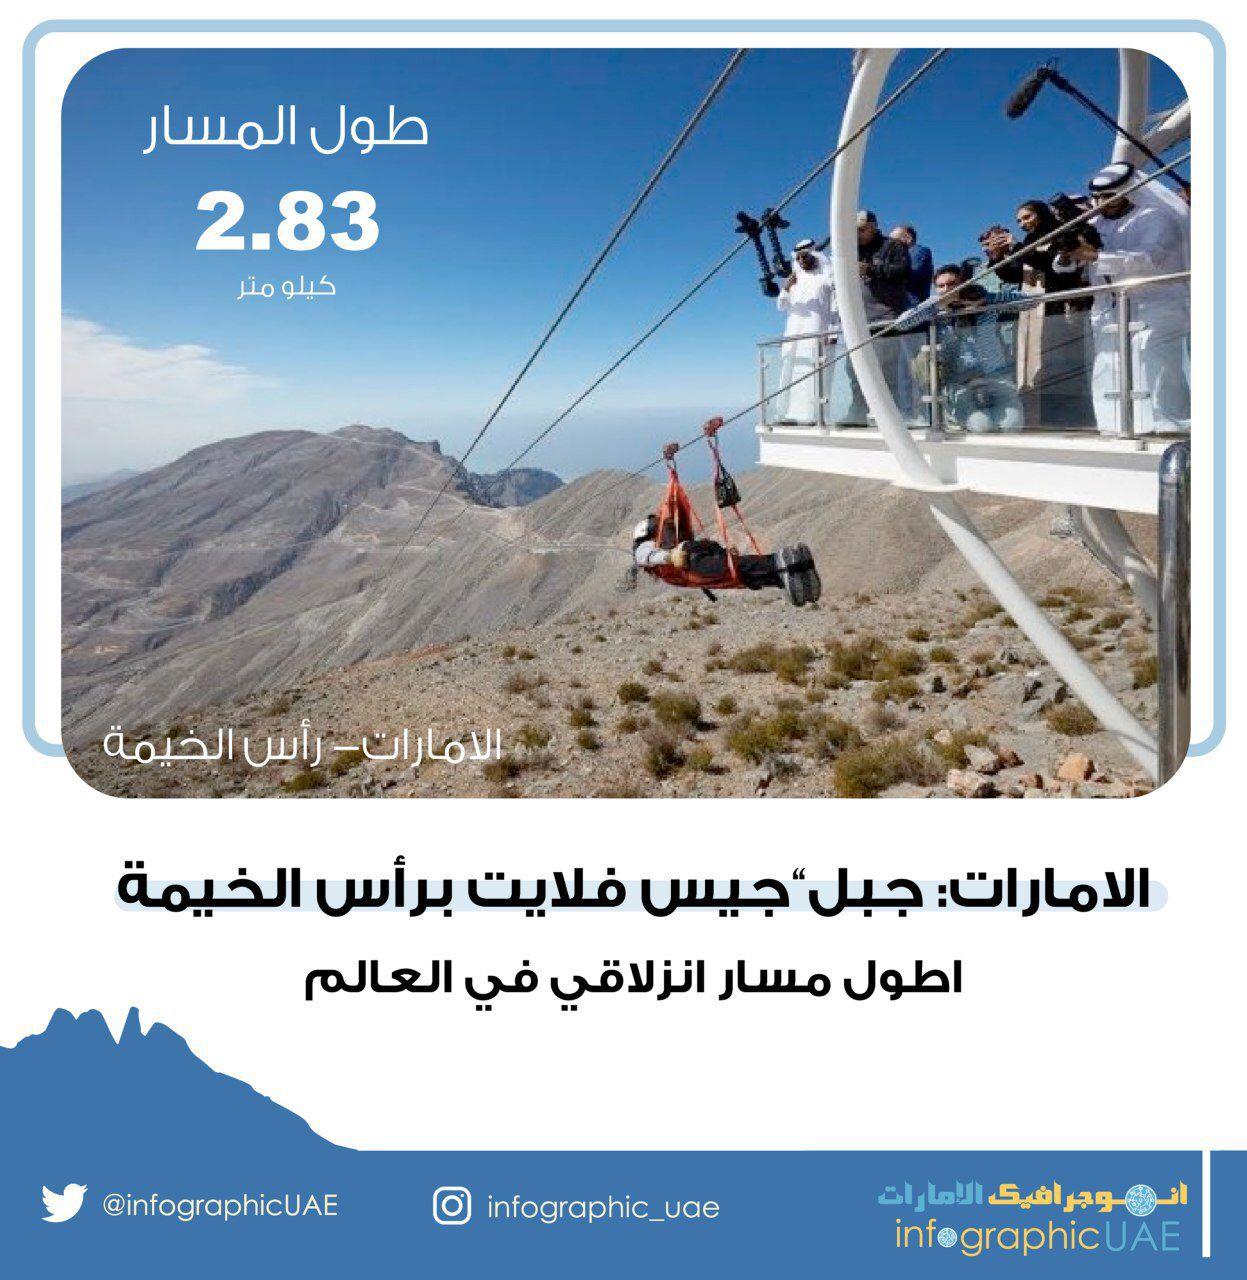 الامارات جبل جيس فلايت برأس الخيمة اطول مسار انزلاقي في العالم الامارات راسـالخيمة جيس غينيس Tourism Infographic Community